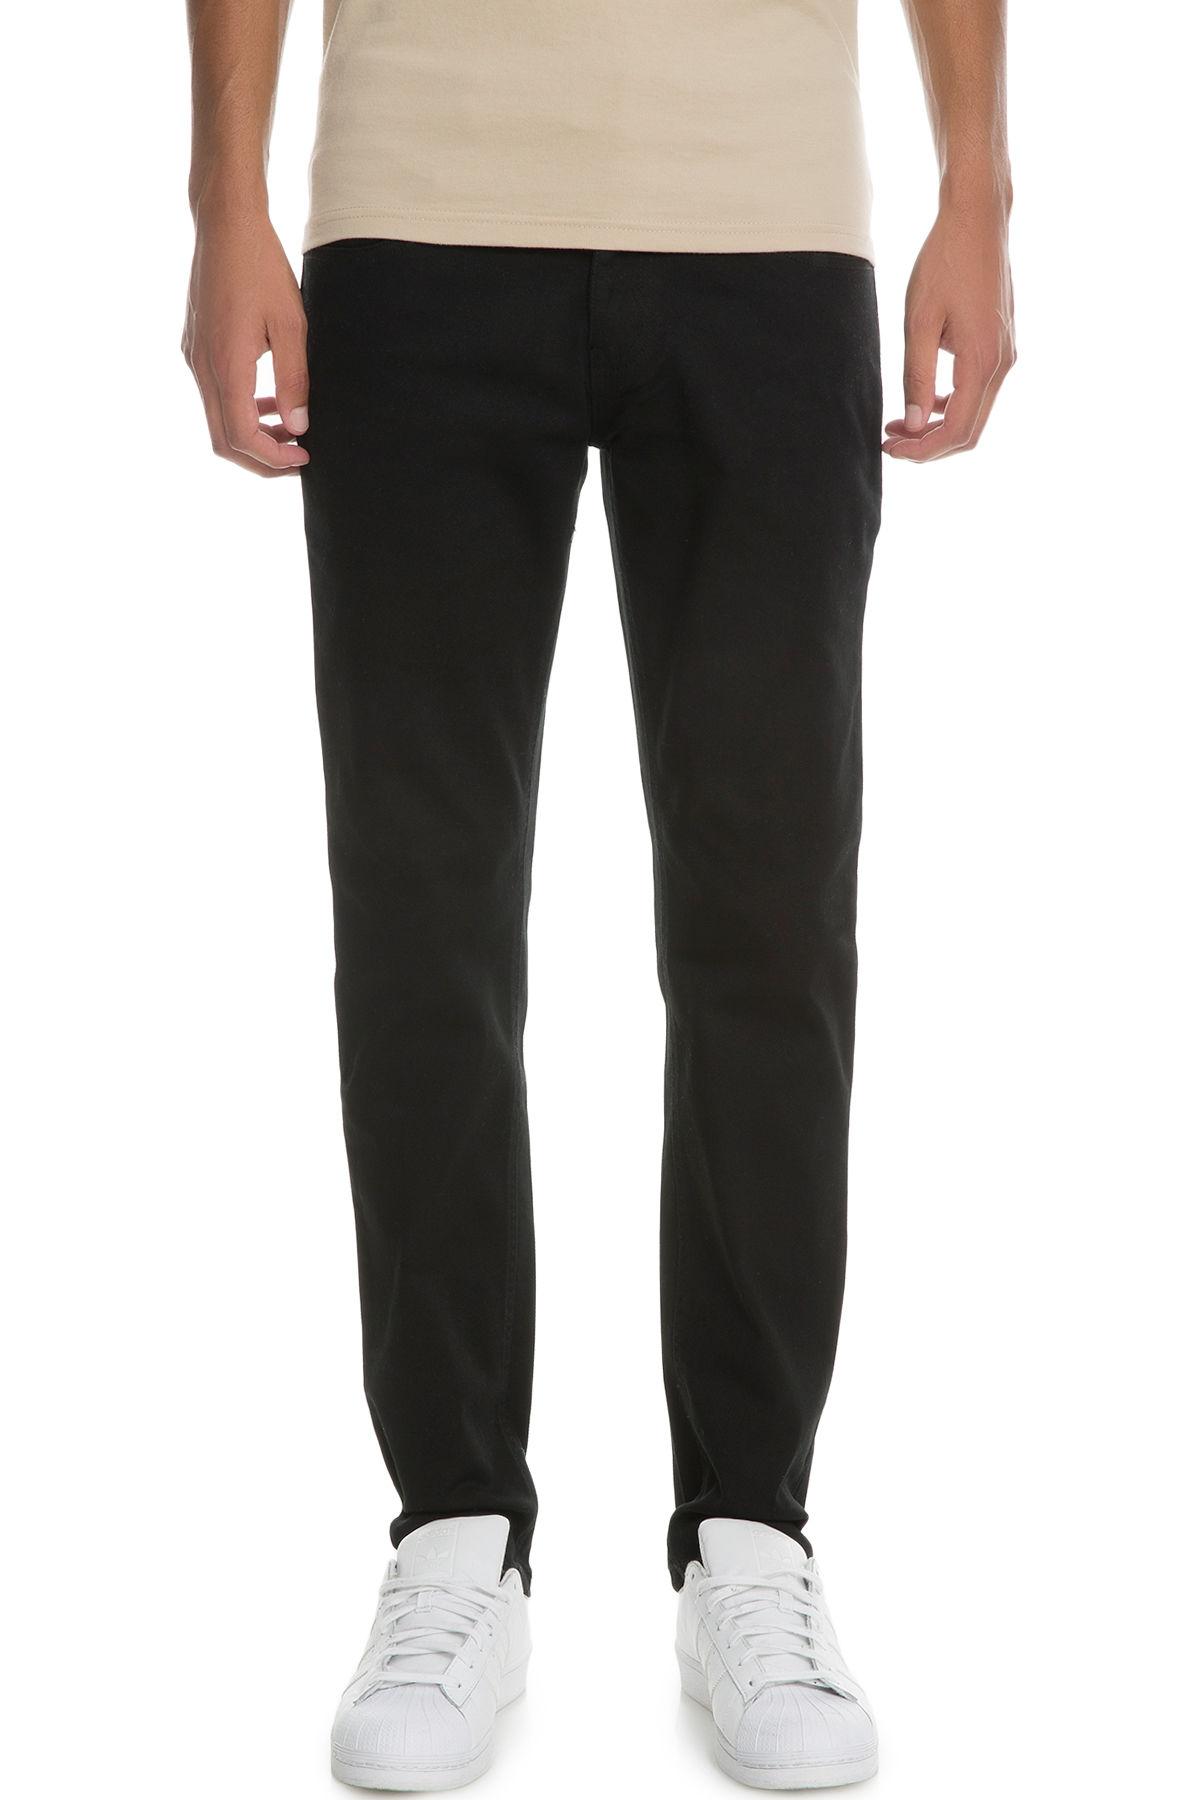 Image of The VB Basic Skinny Jeans in Black